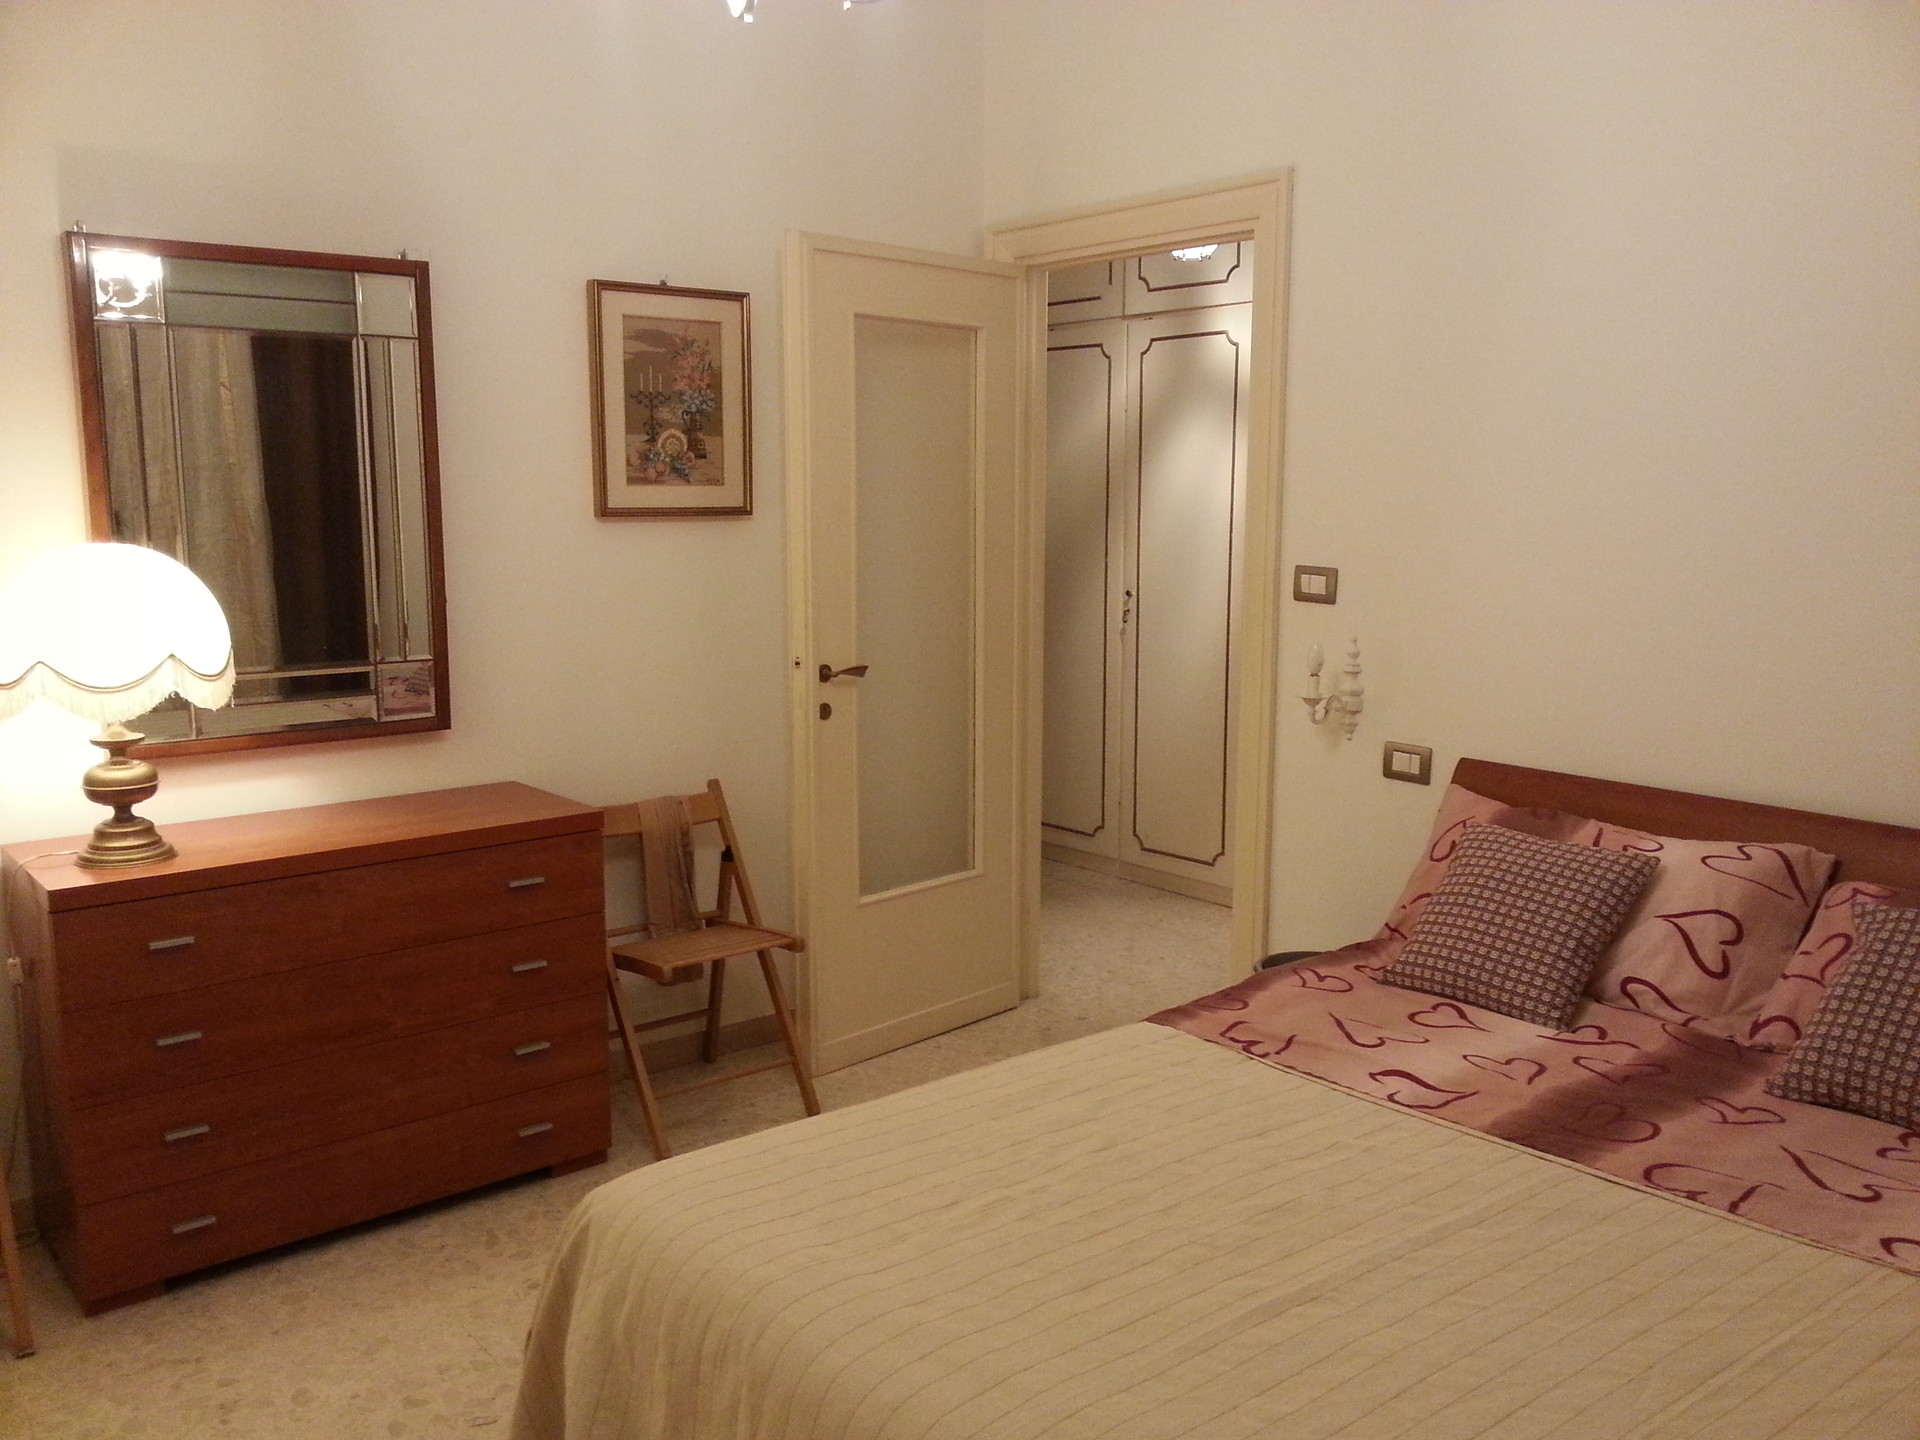 camera Matrimoniale  piazzale Jonio  Stanze in affitto Roma